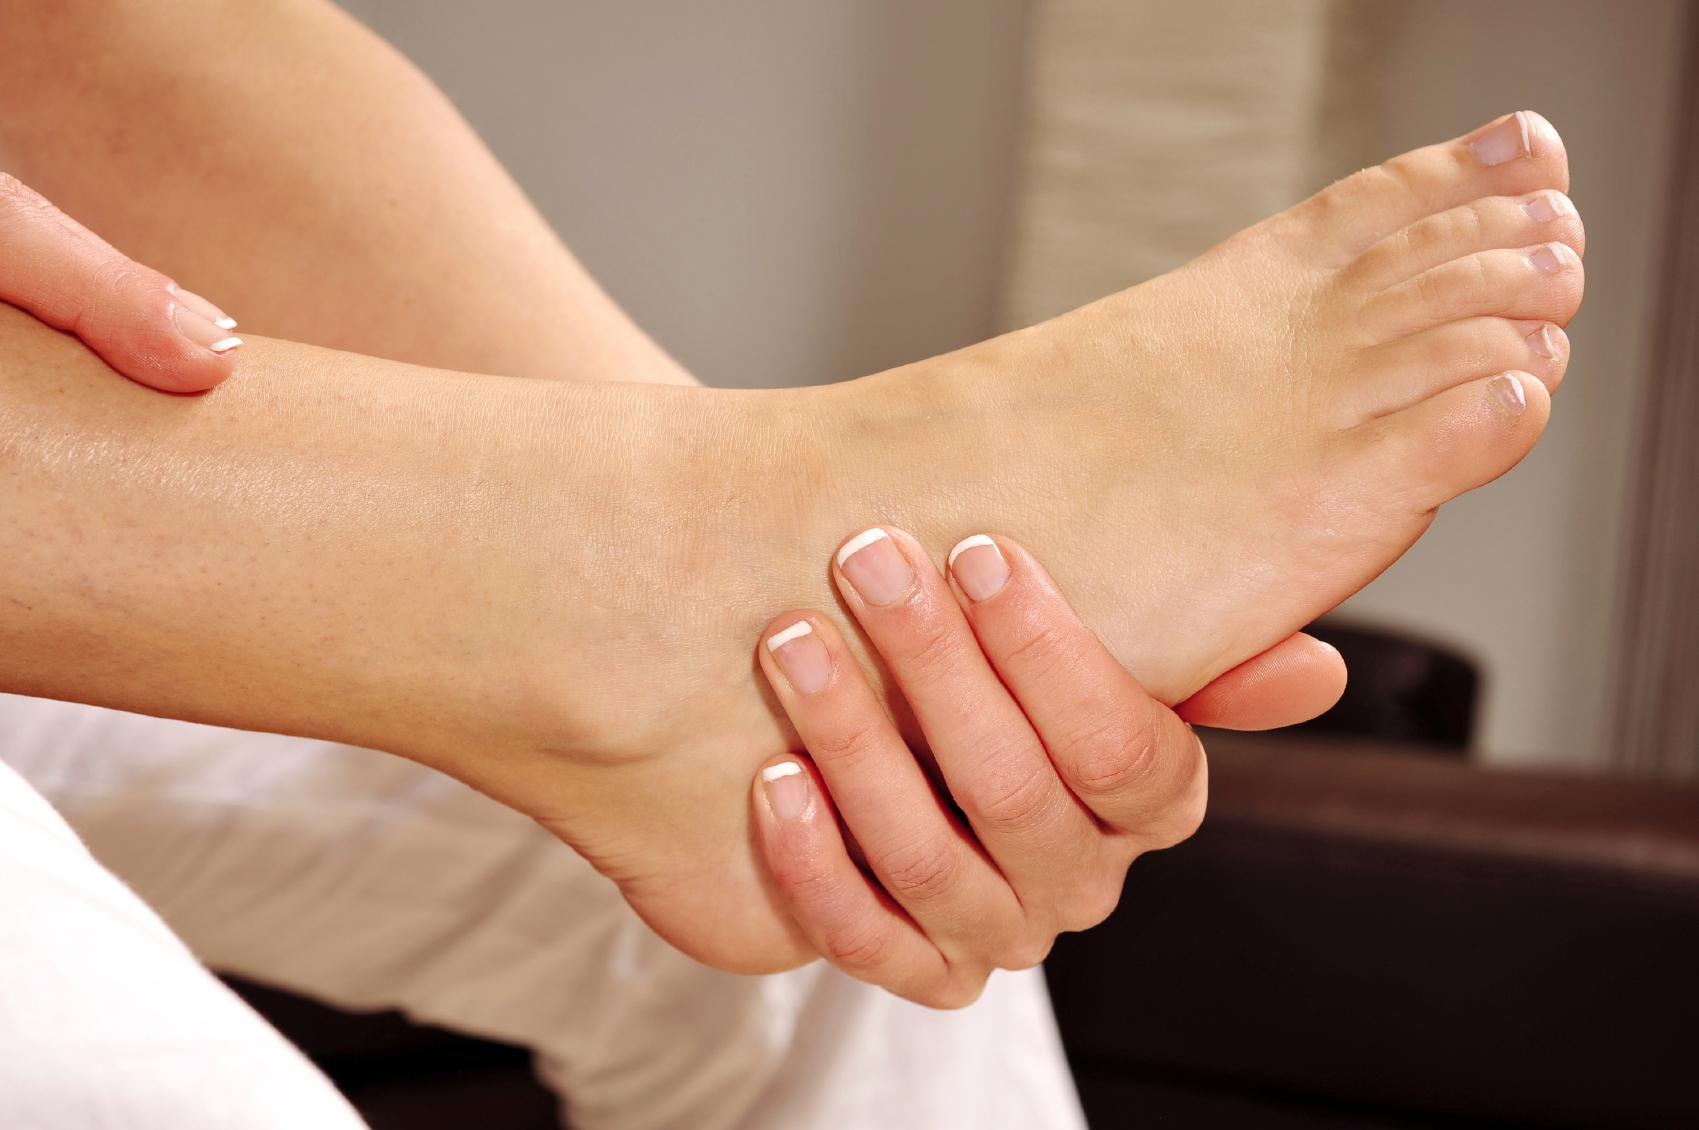 Диабетическая ангиопатия нижних конечностей: особенности течения и лечения заболевания